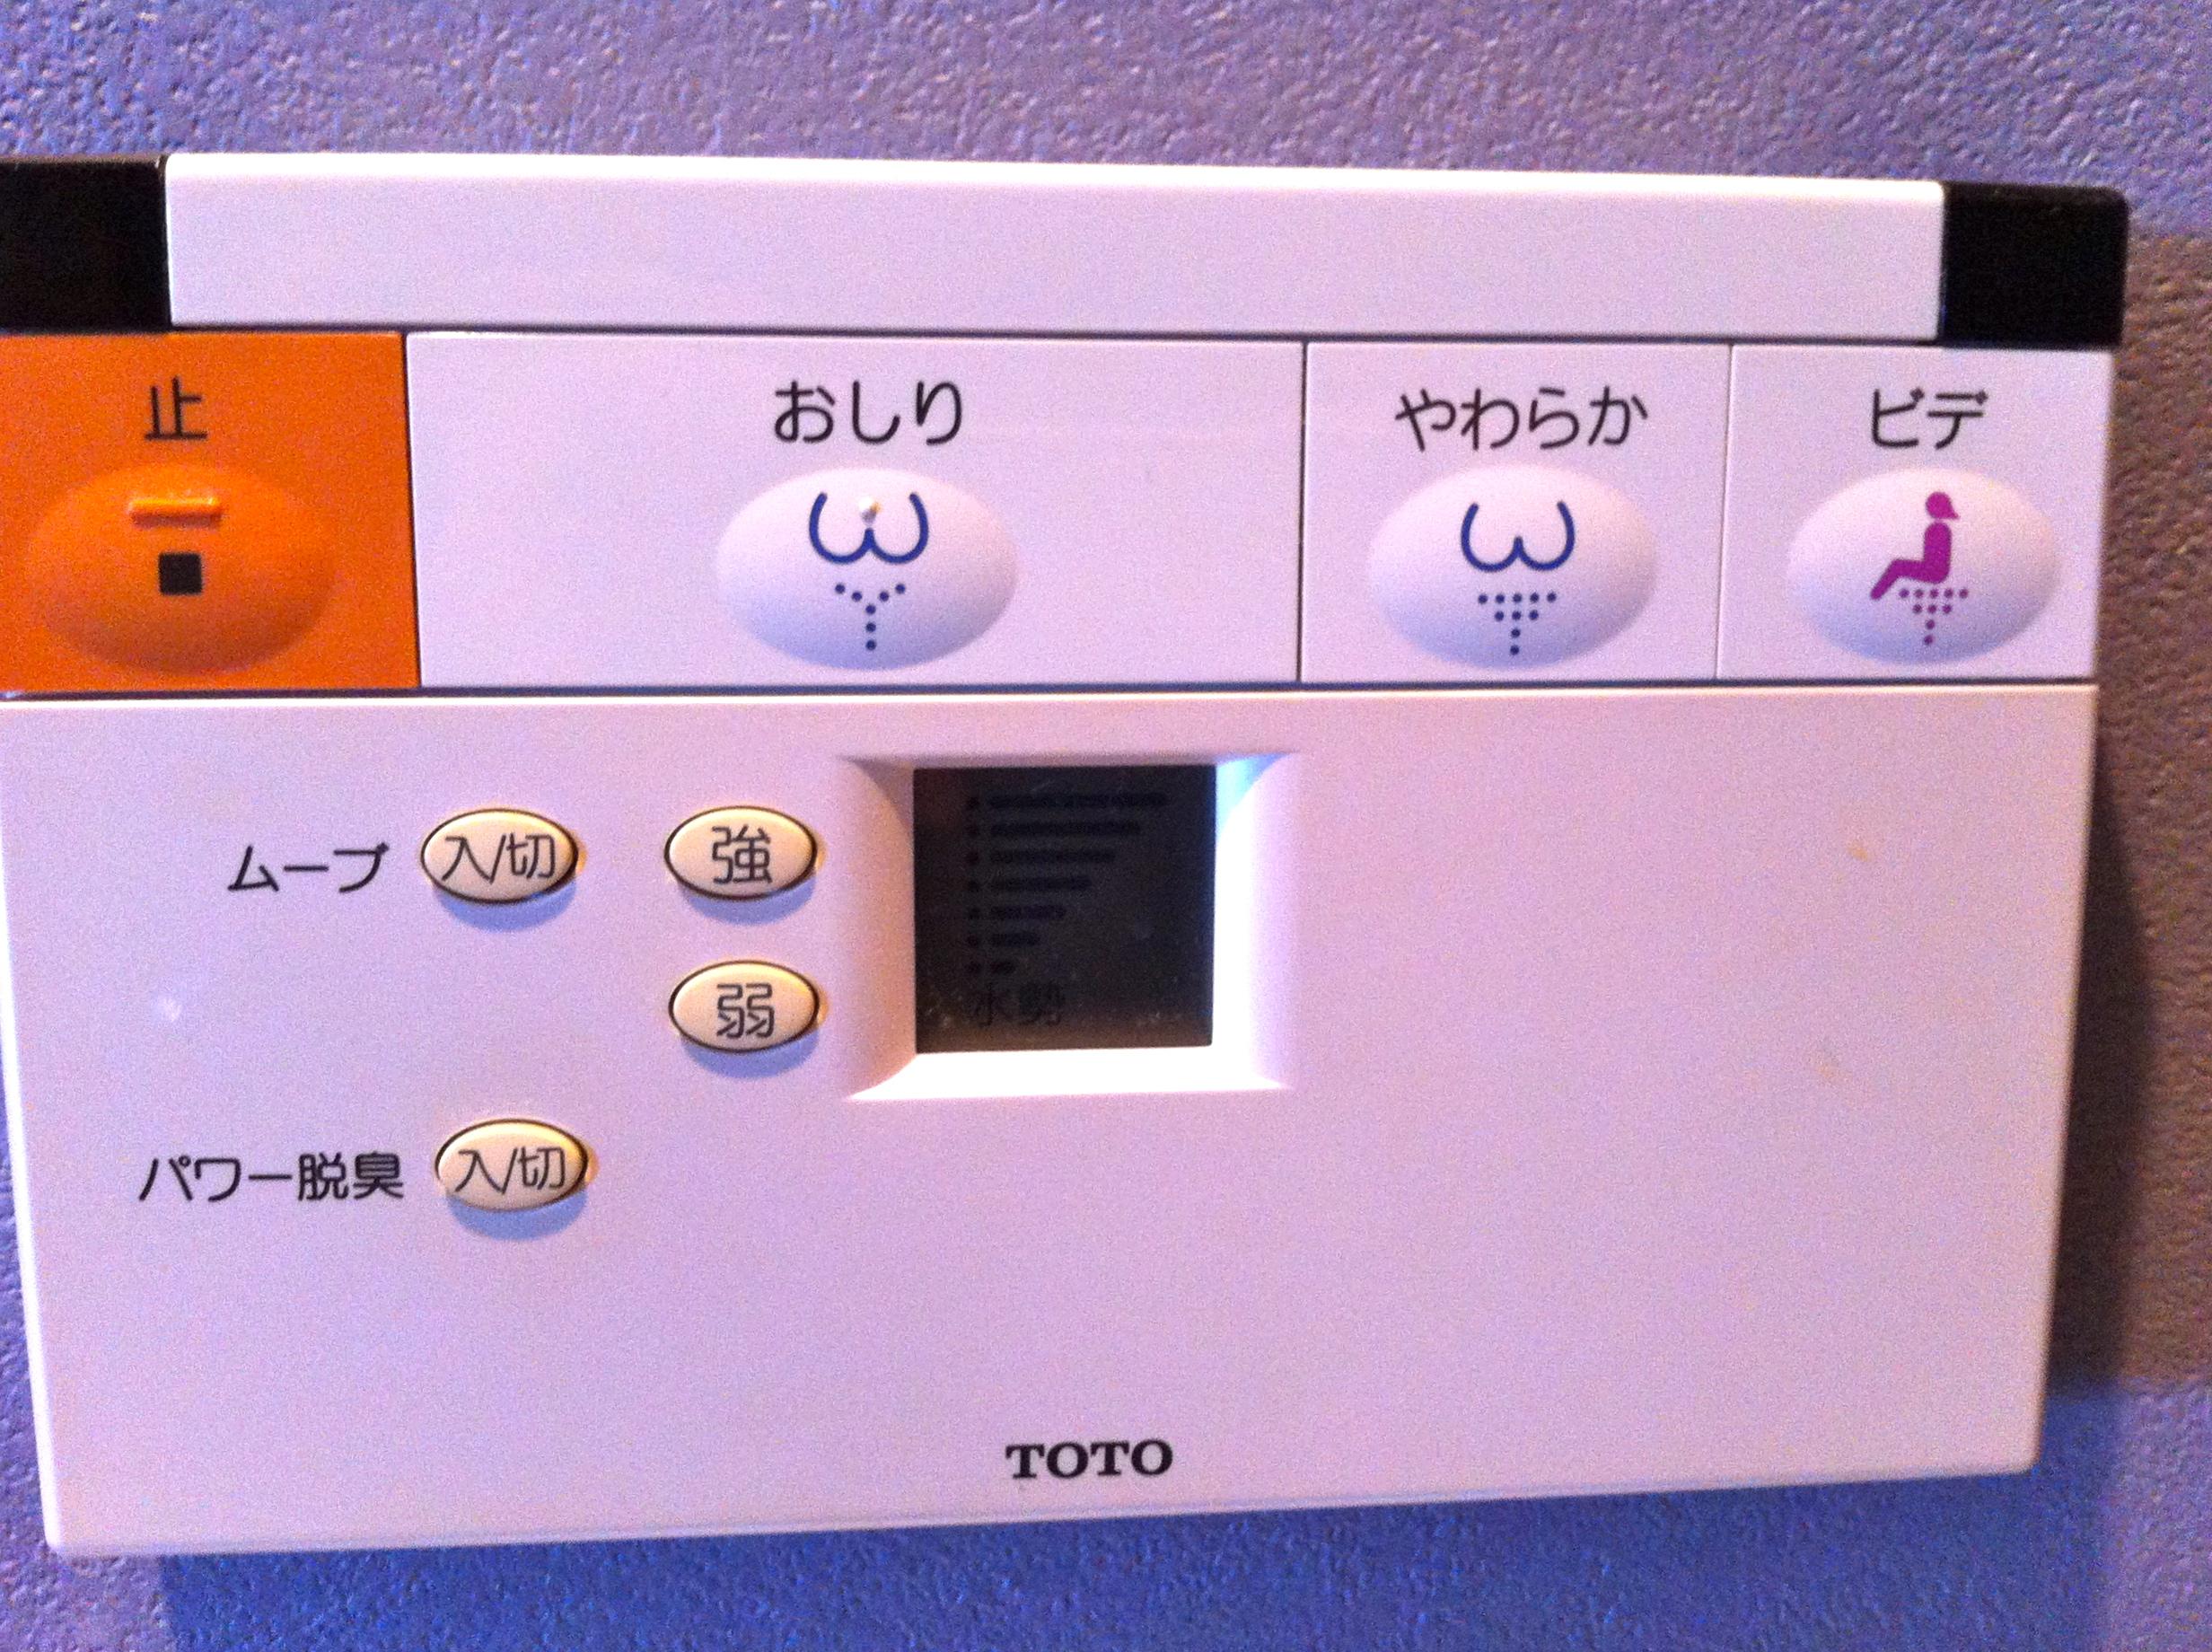 Japanese Toilets Explained  Our Osaka Blog - Toto japanese toilet seat